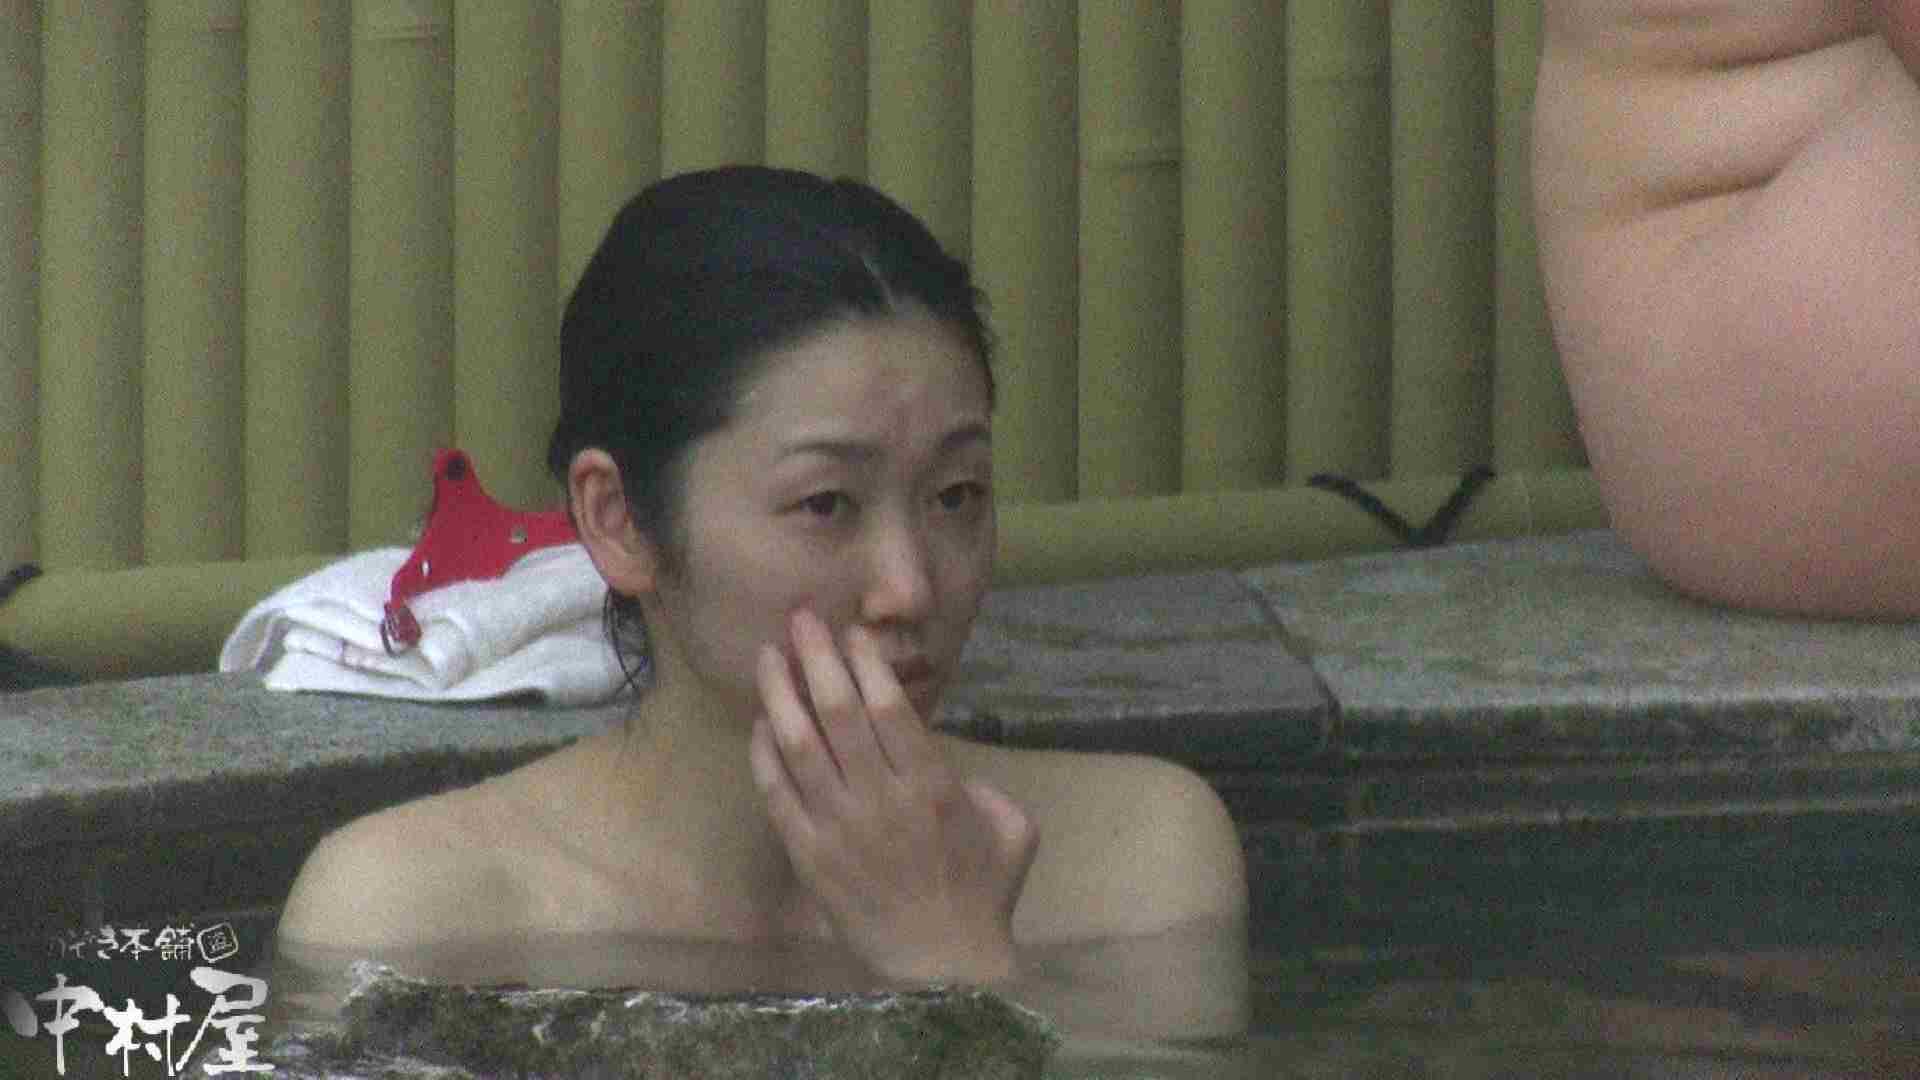 Aquaな露天風呂Vol.917 盗撮シリーズ  108PIX 40